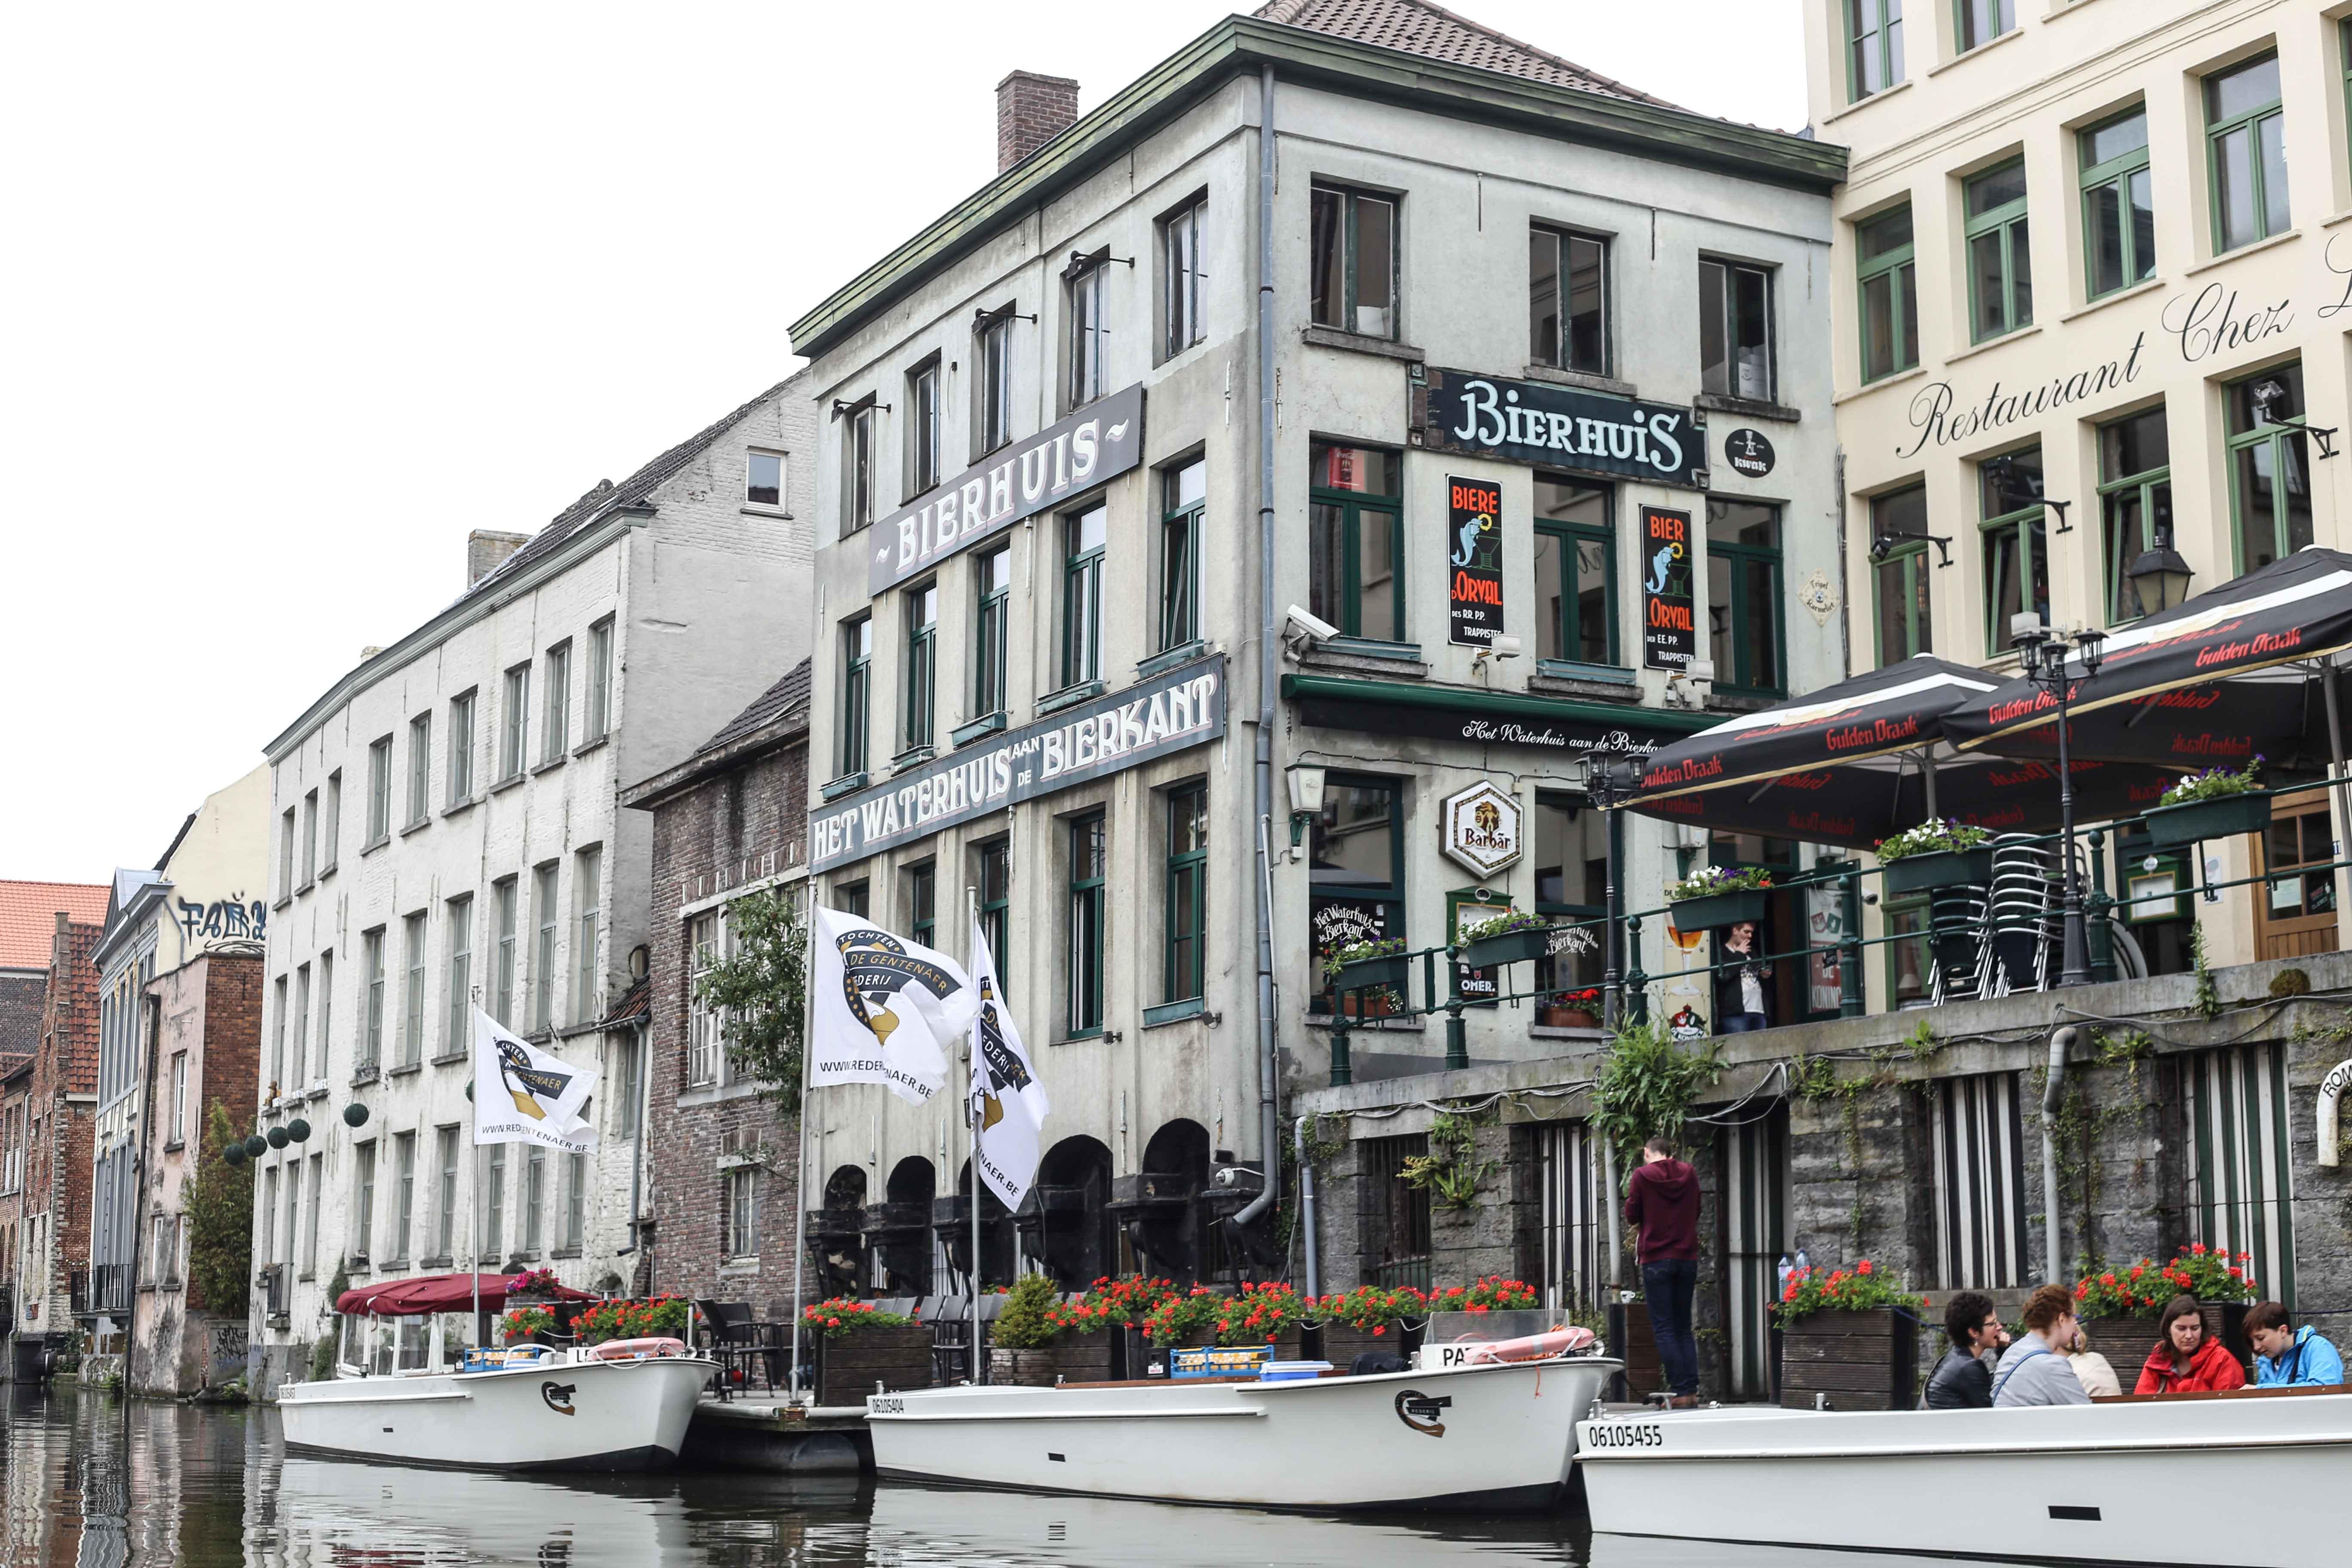 Gent-Kurztrip-Empfehlung-Sehenswürdigkeiten-Kanäle-Reiseblog-Belgien-Bootsfahrt